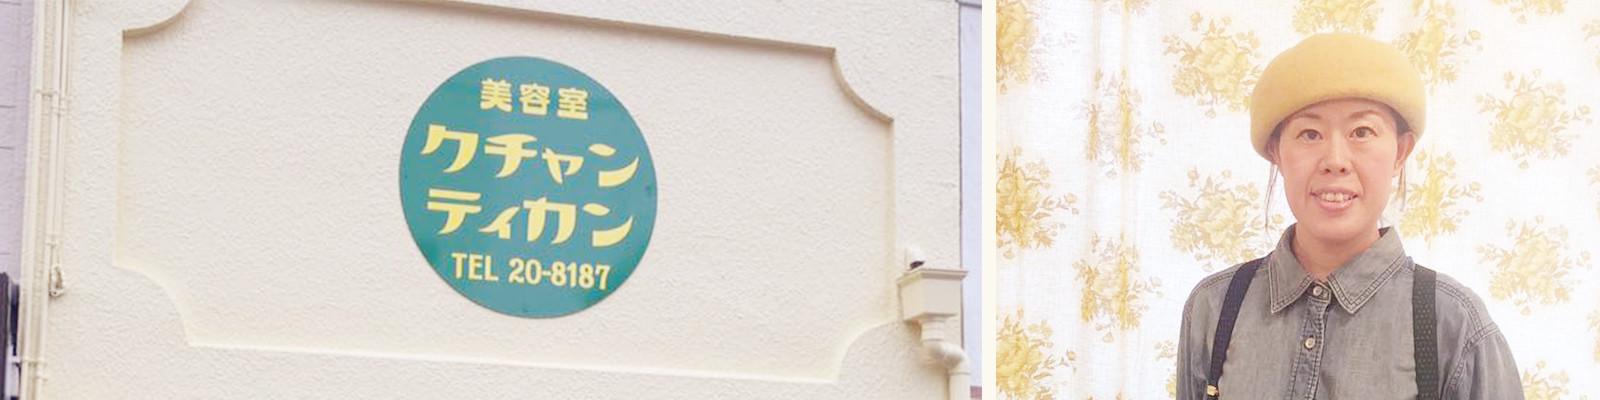 松阪市 湊町 白髪染の美容室 クチャンティカントップ画像